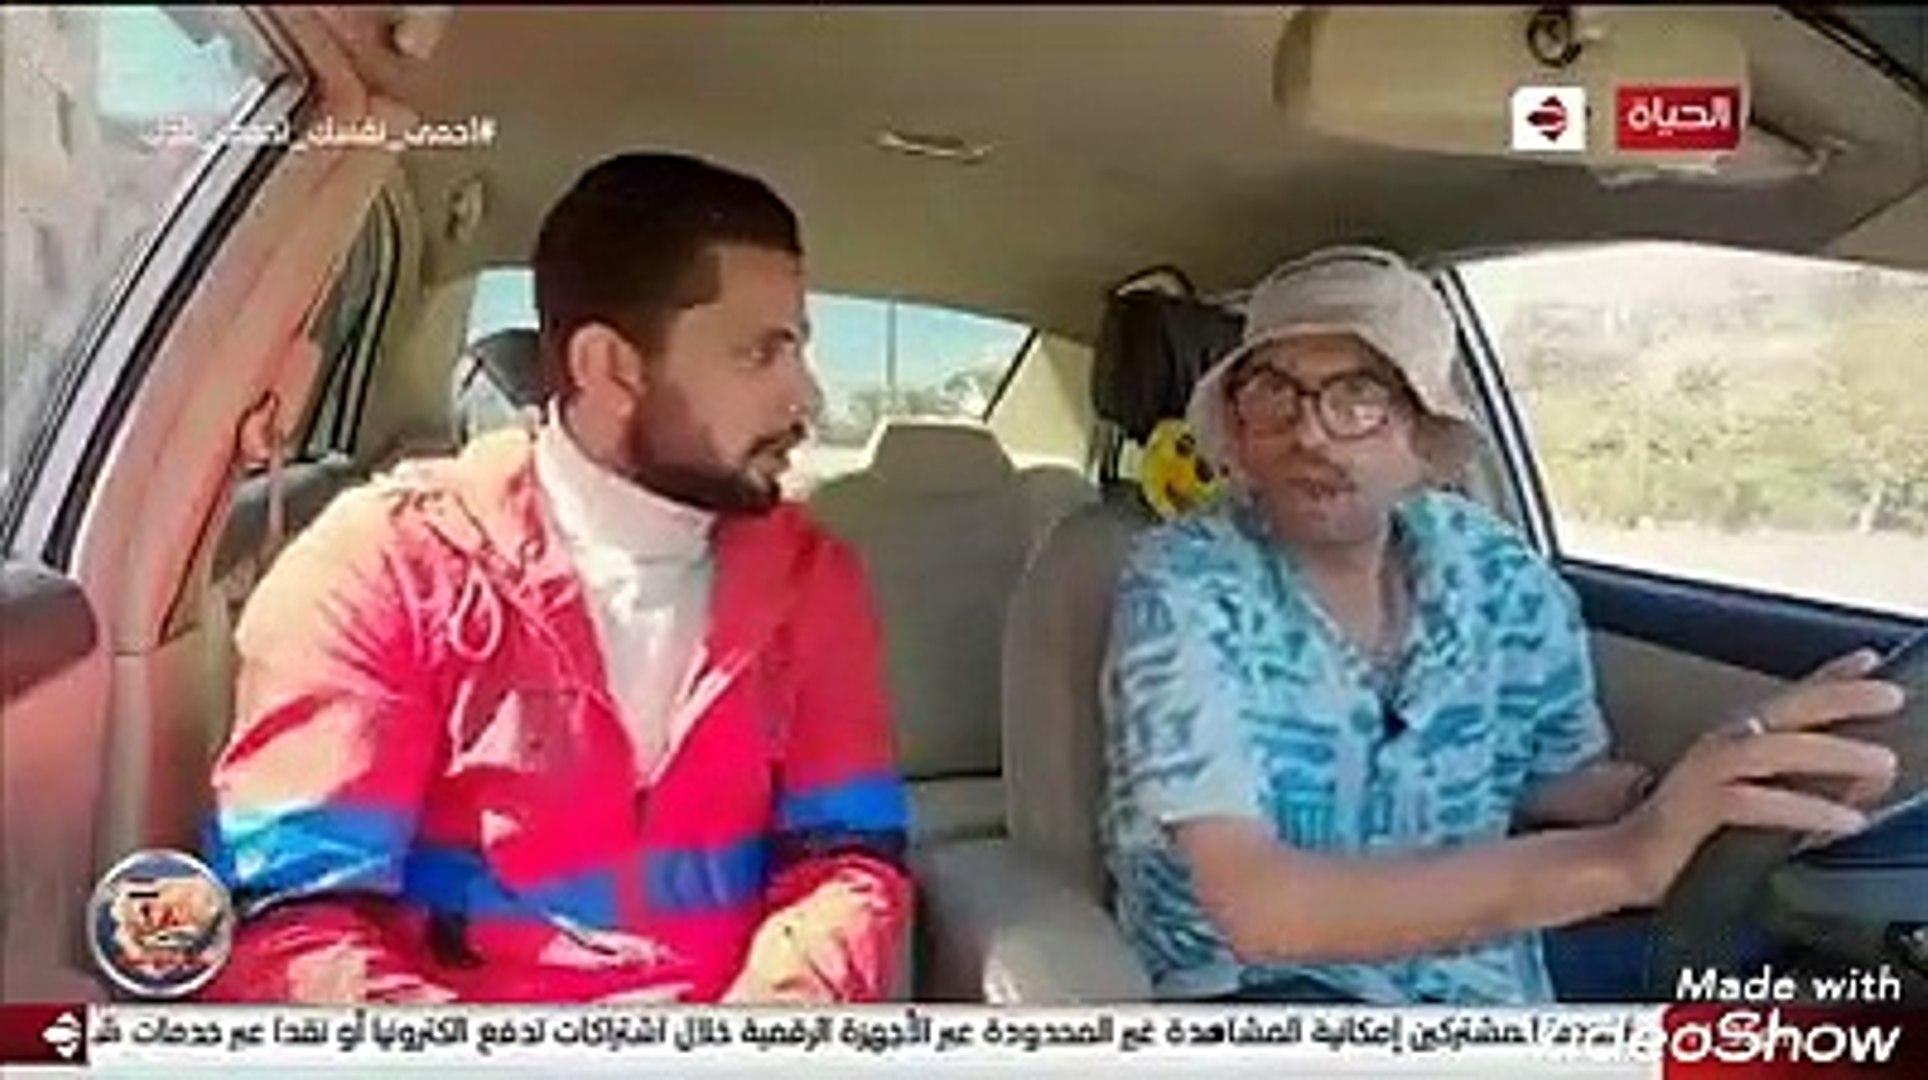 برنامج كريزي تاكسي الموسم التاني _ الحلقة الاولي كاملة